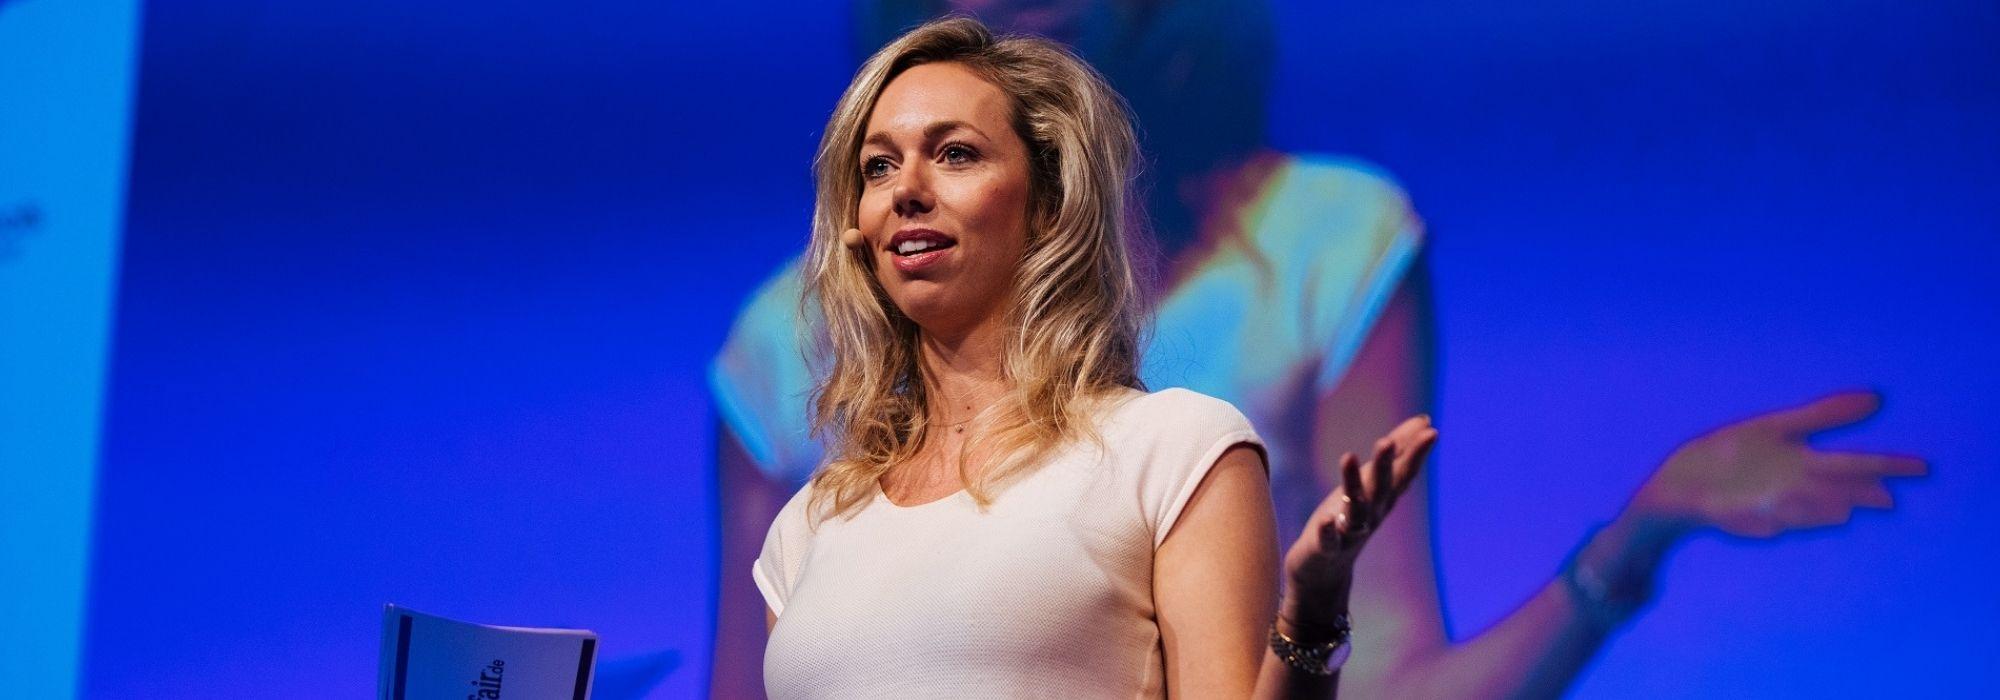 Speakerin von Wayfair auf der Bühne